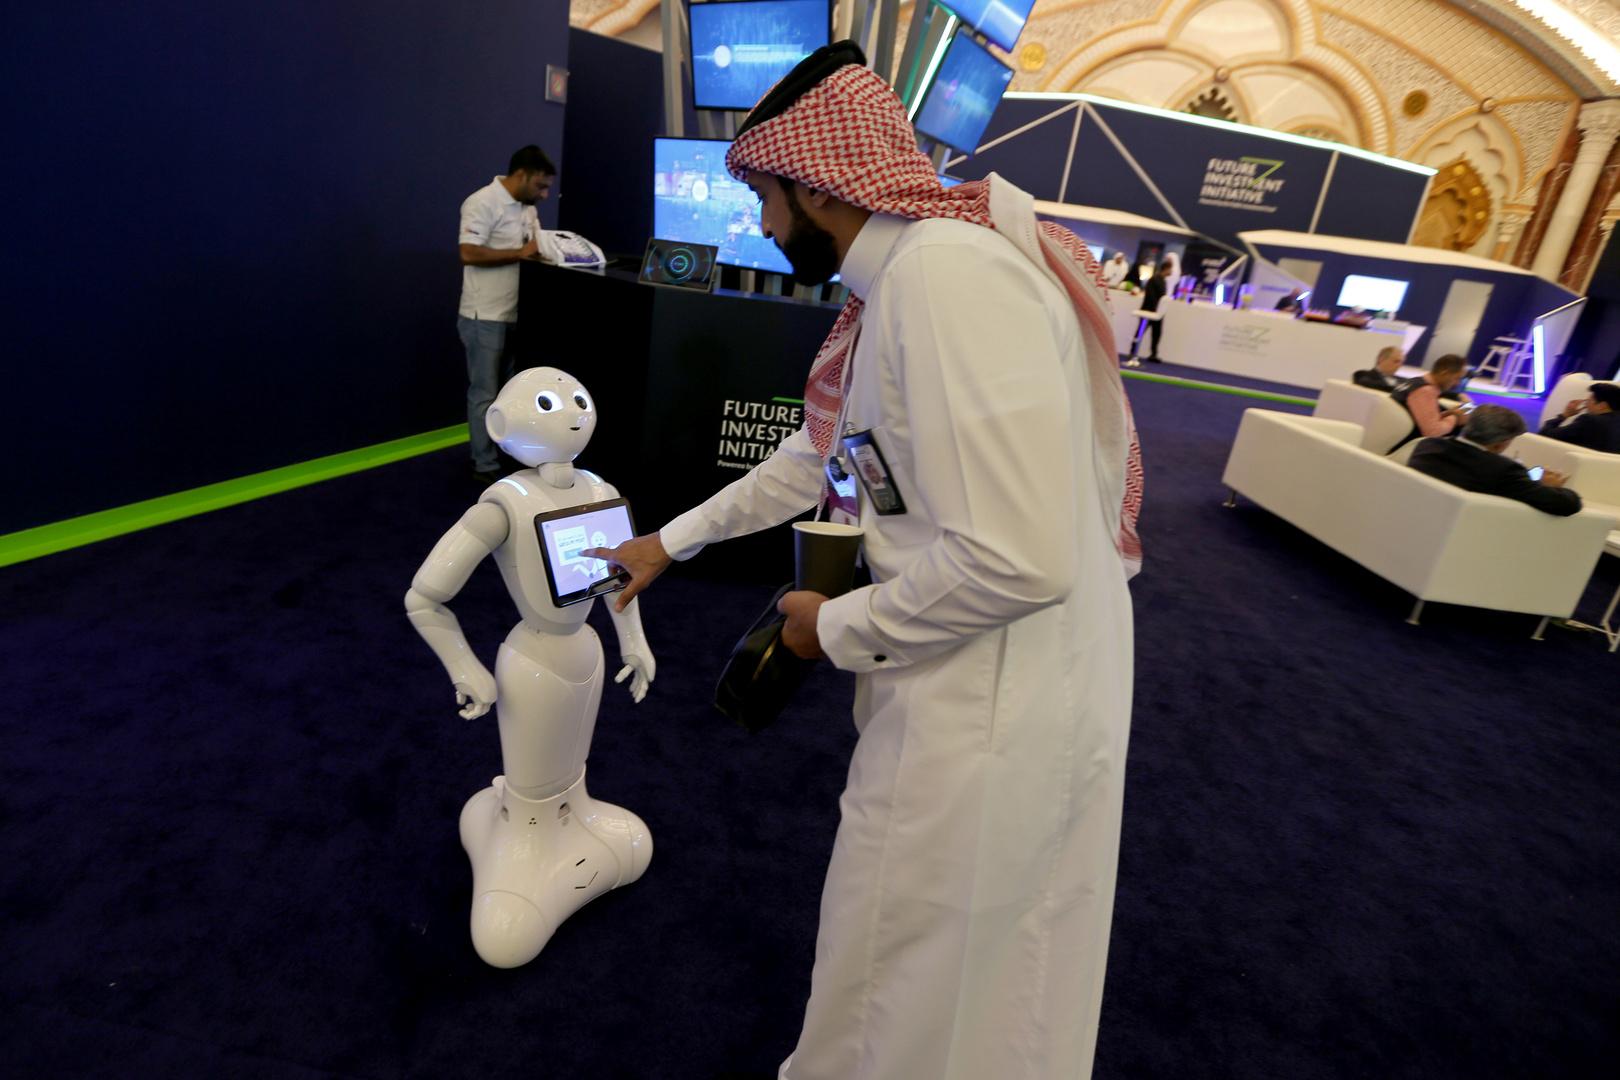 السعودية توقع اتفاقيات في مجال الذكاء الاصطناعي مع 3 شركات عملاقة